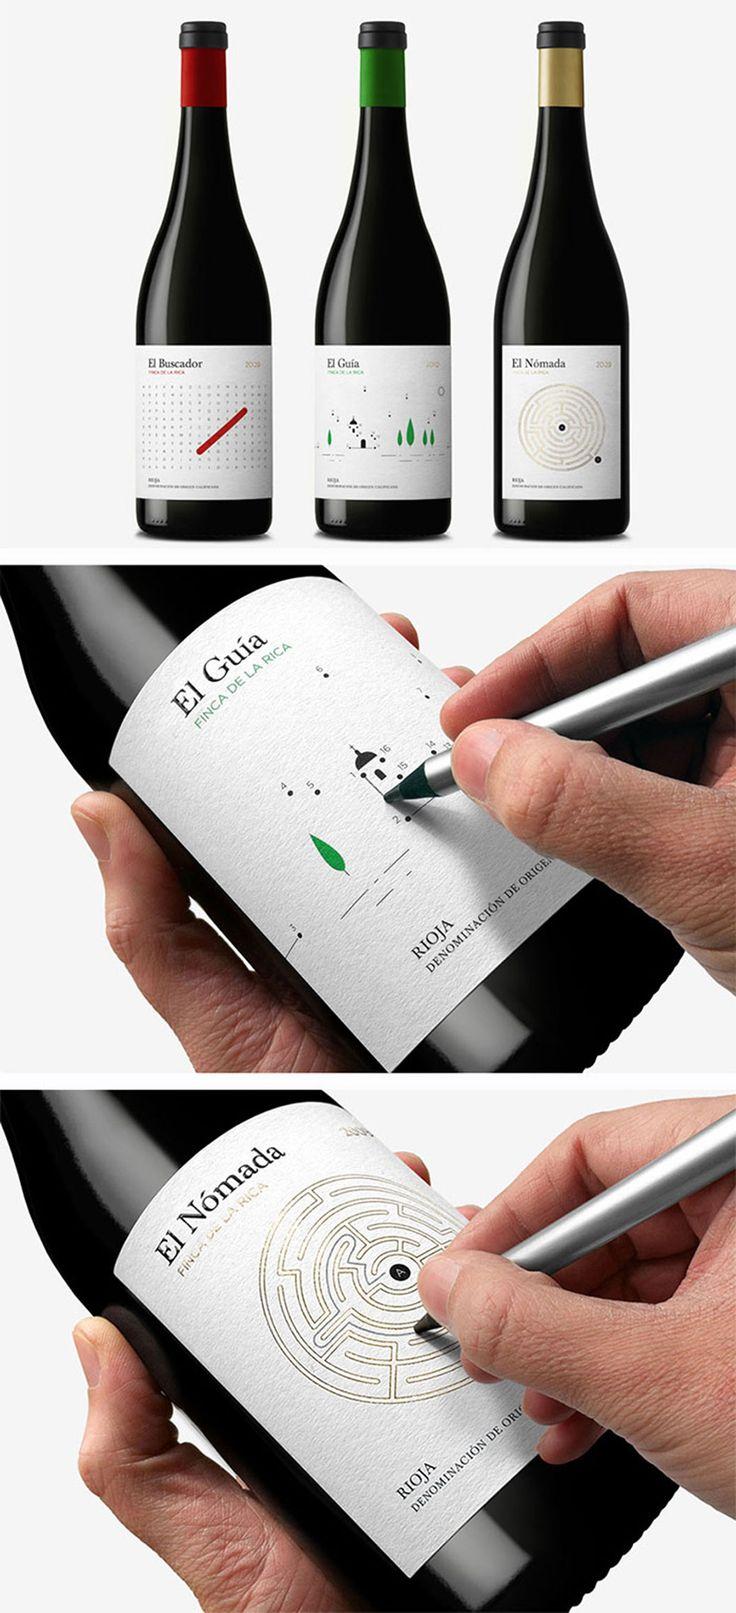 17 produits et emballages interactifs qui vont rendre votre quotidien bien plus…